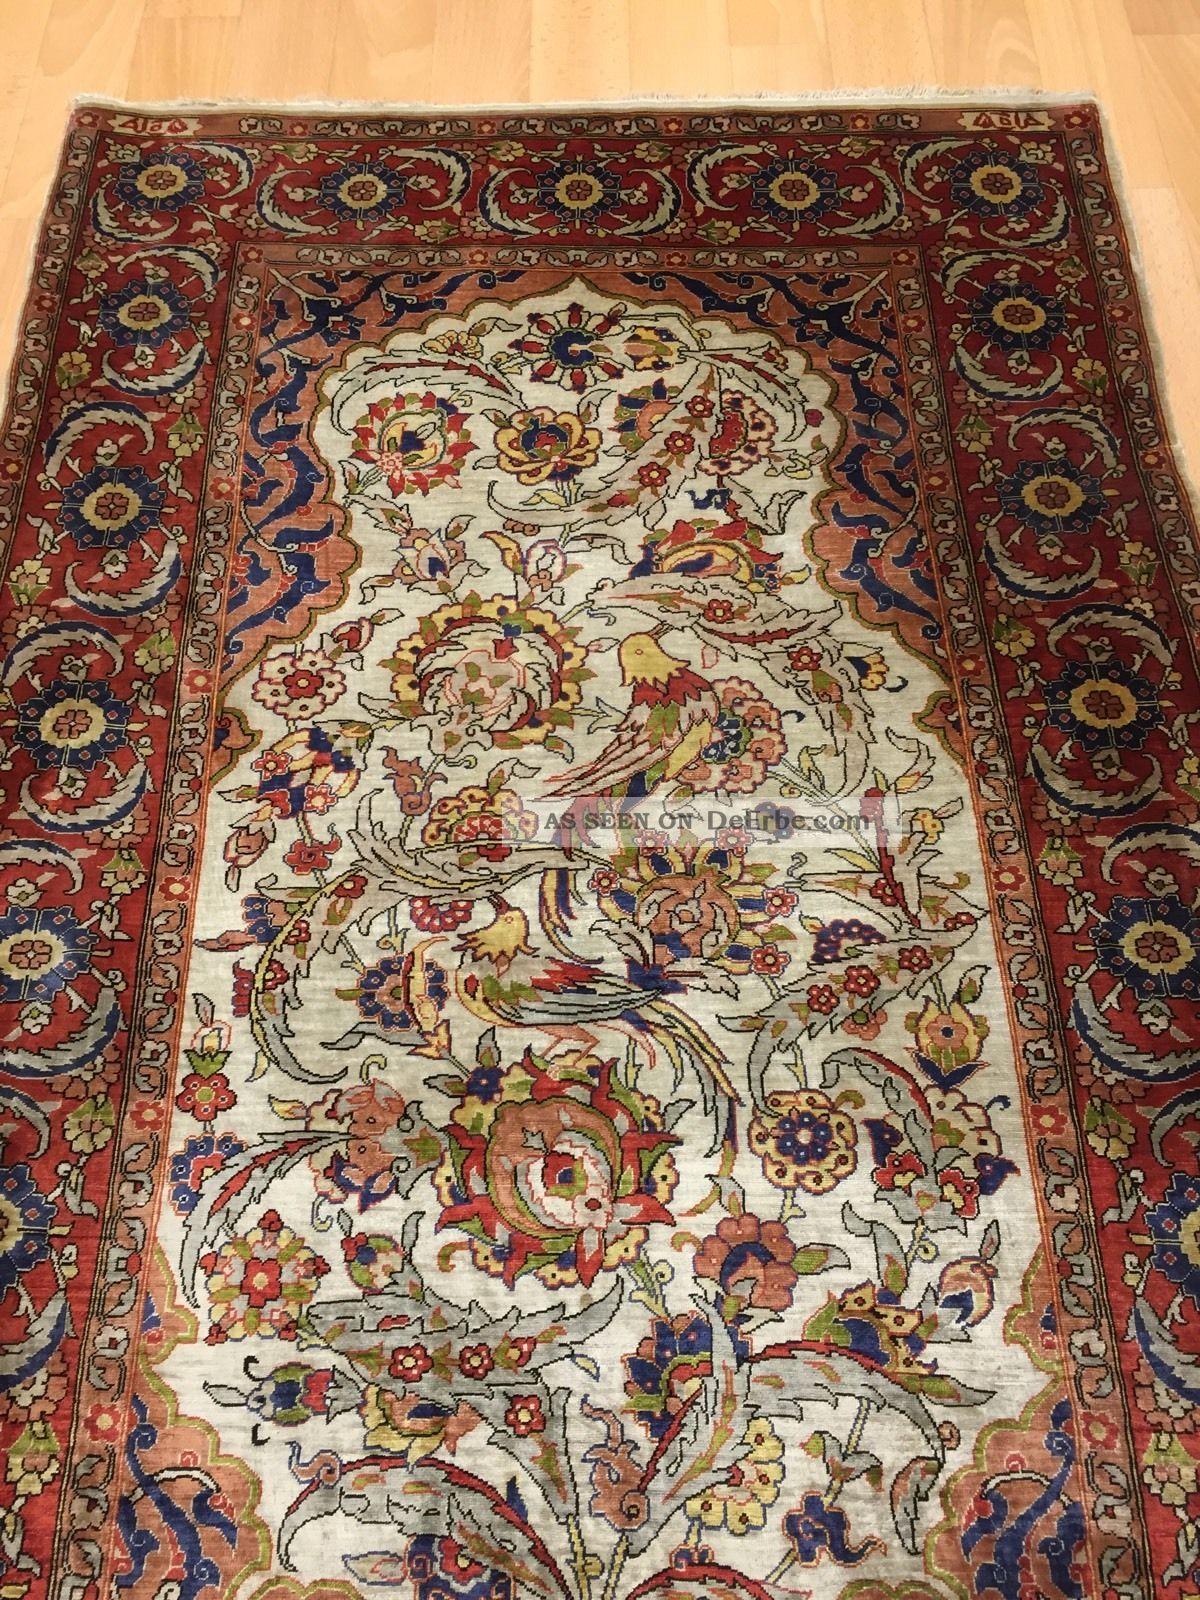 Orientteppich antik  Orientteppich, Rug, Hereke Seide Auf Seide Antik 110x75 Signierung ...